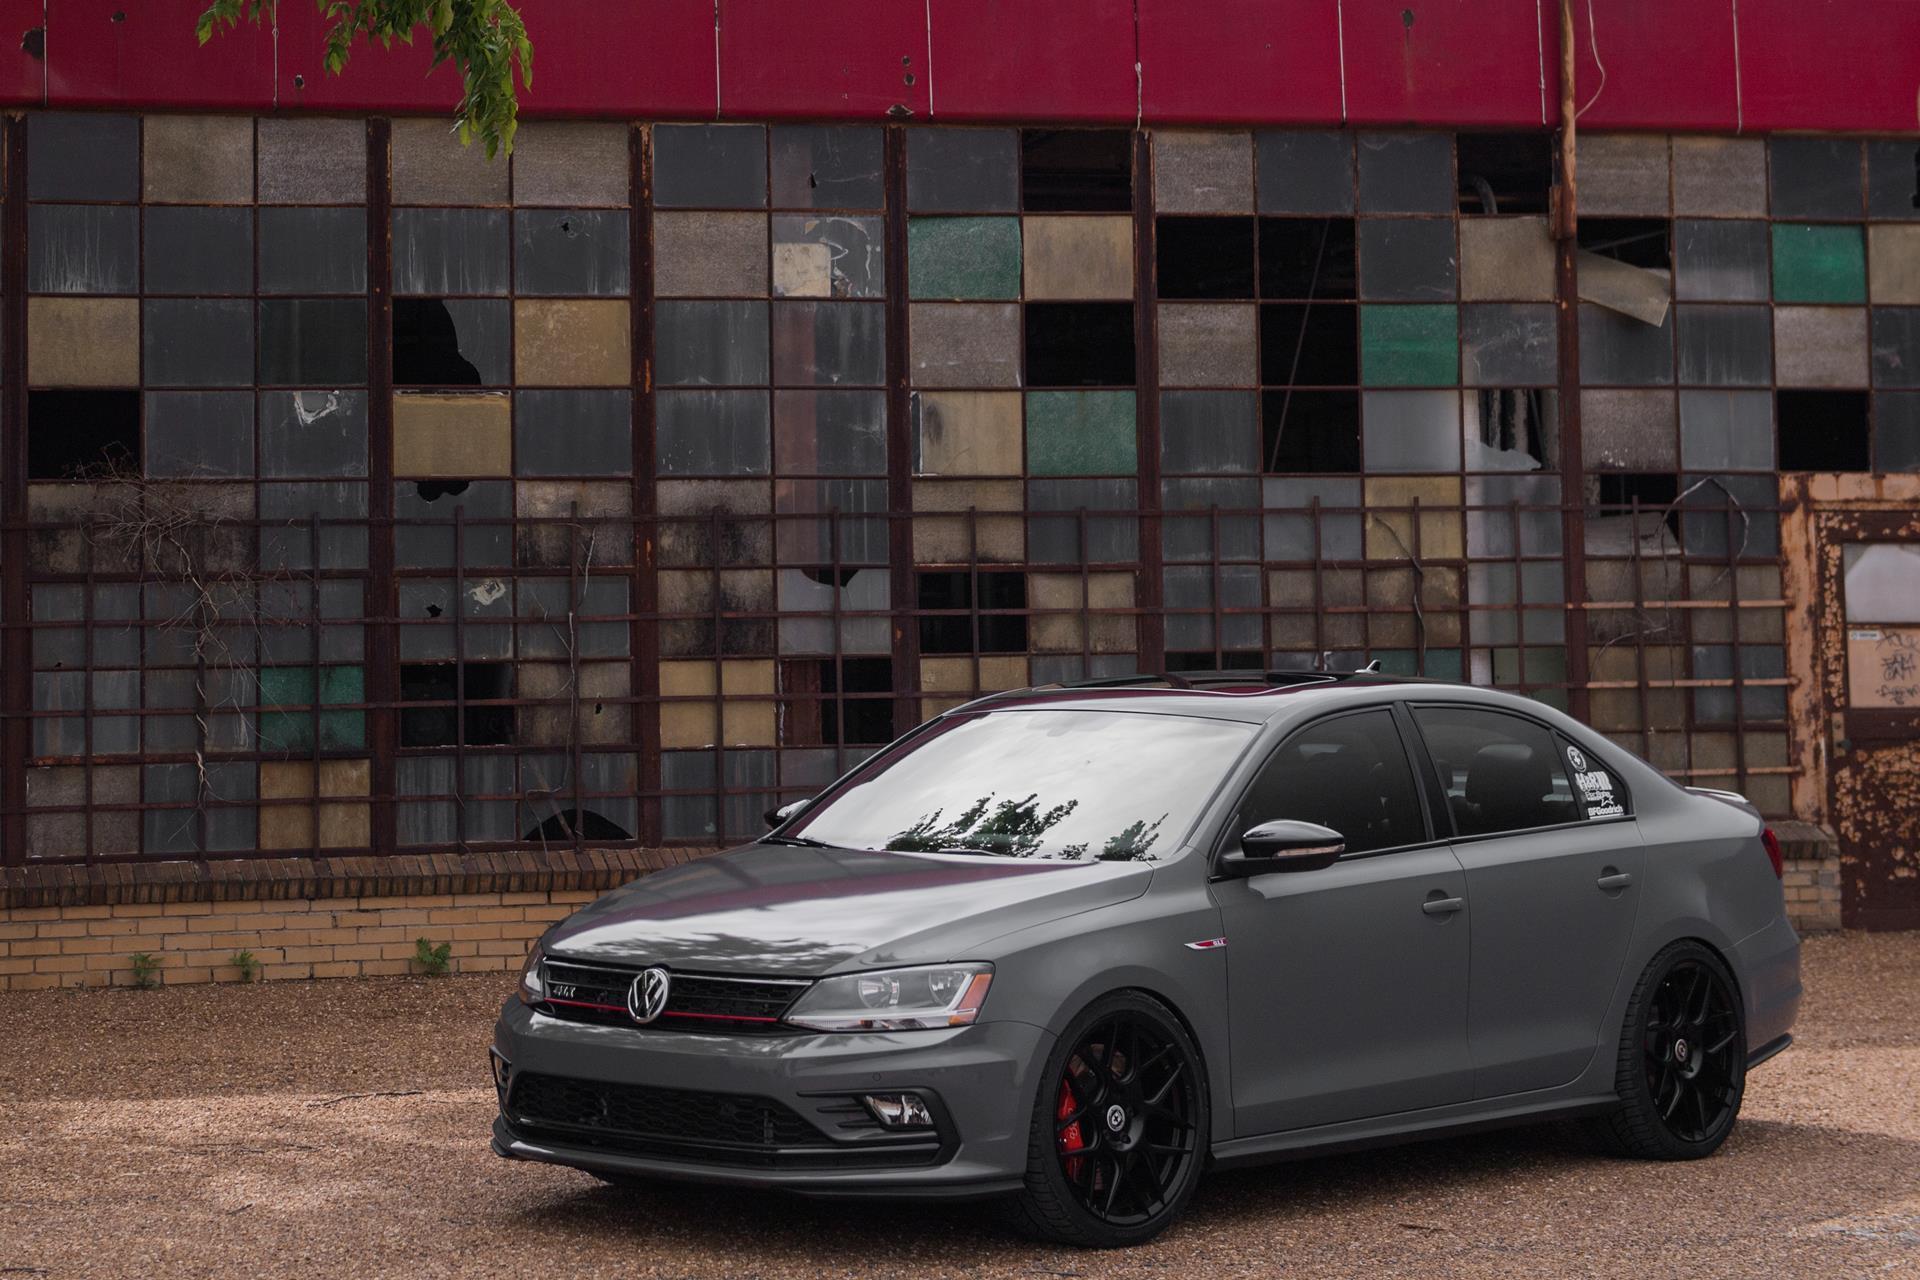 2017 Volkswagen Jetta GLI Nardo Concept News And